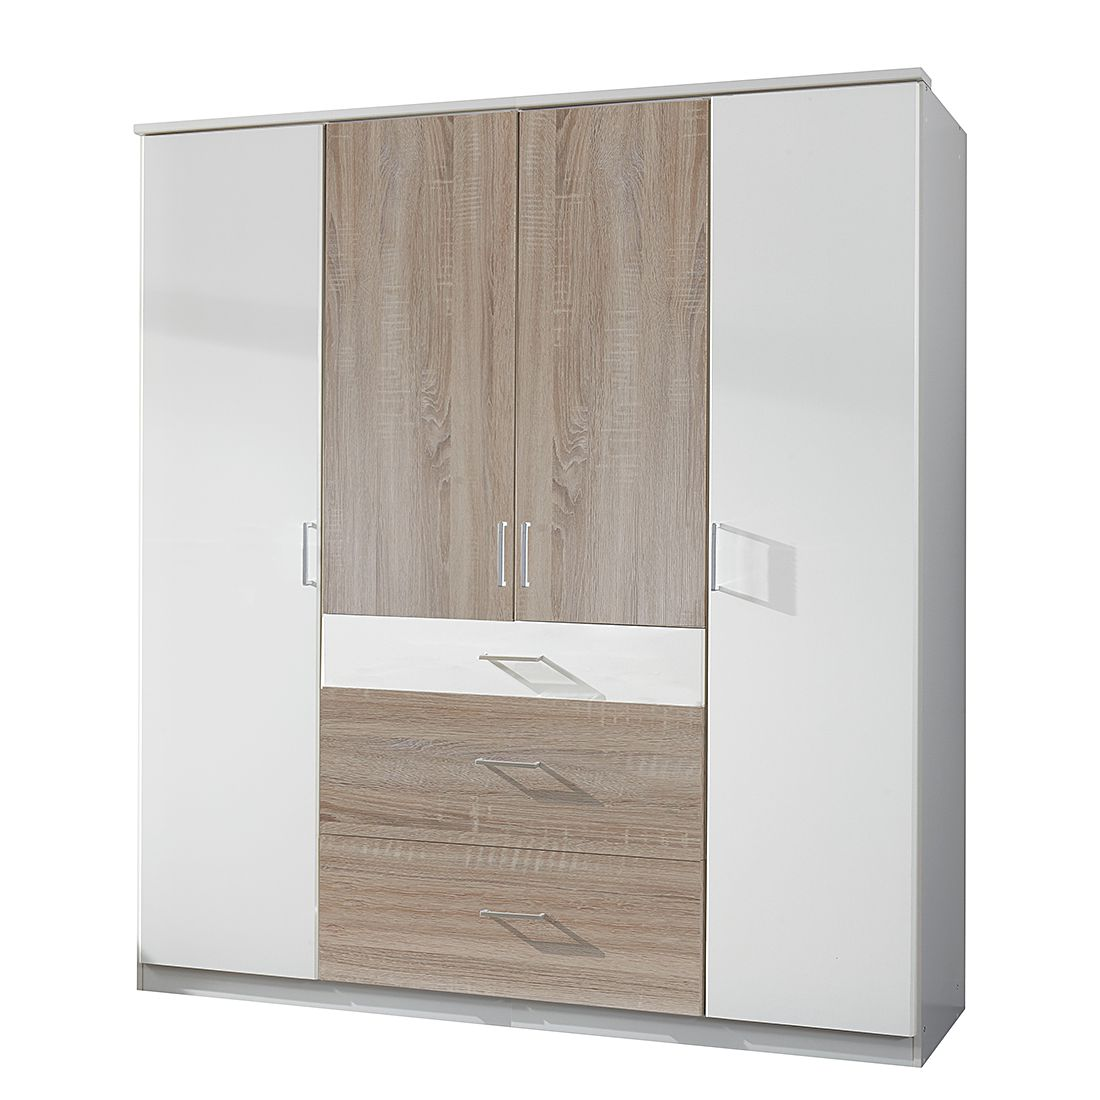 Draaideurkast Julan III - Alpinewit/Grof gezaagd eikenhouten look - Zonder spiegeldeuren, Oaklands